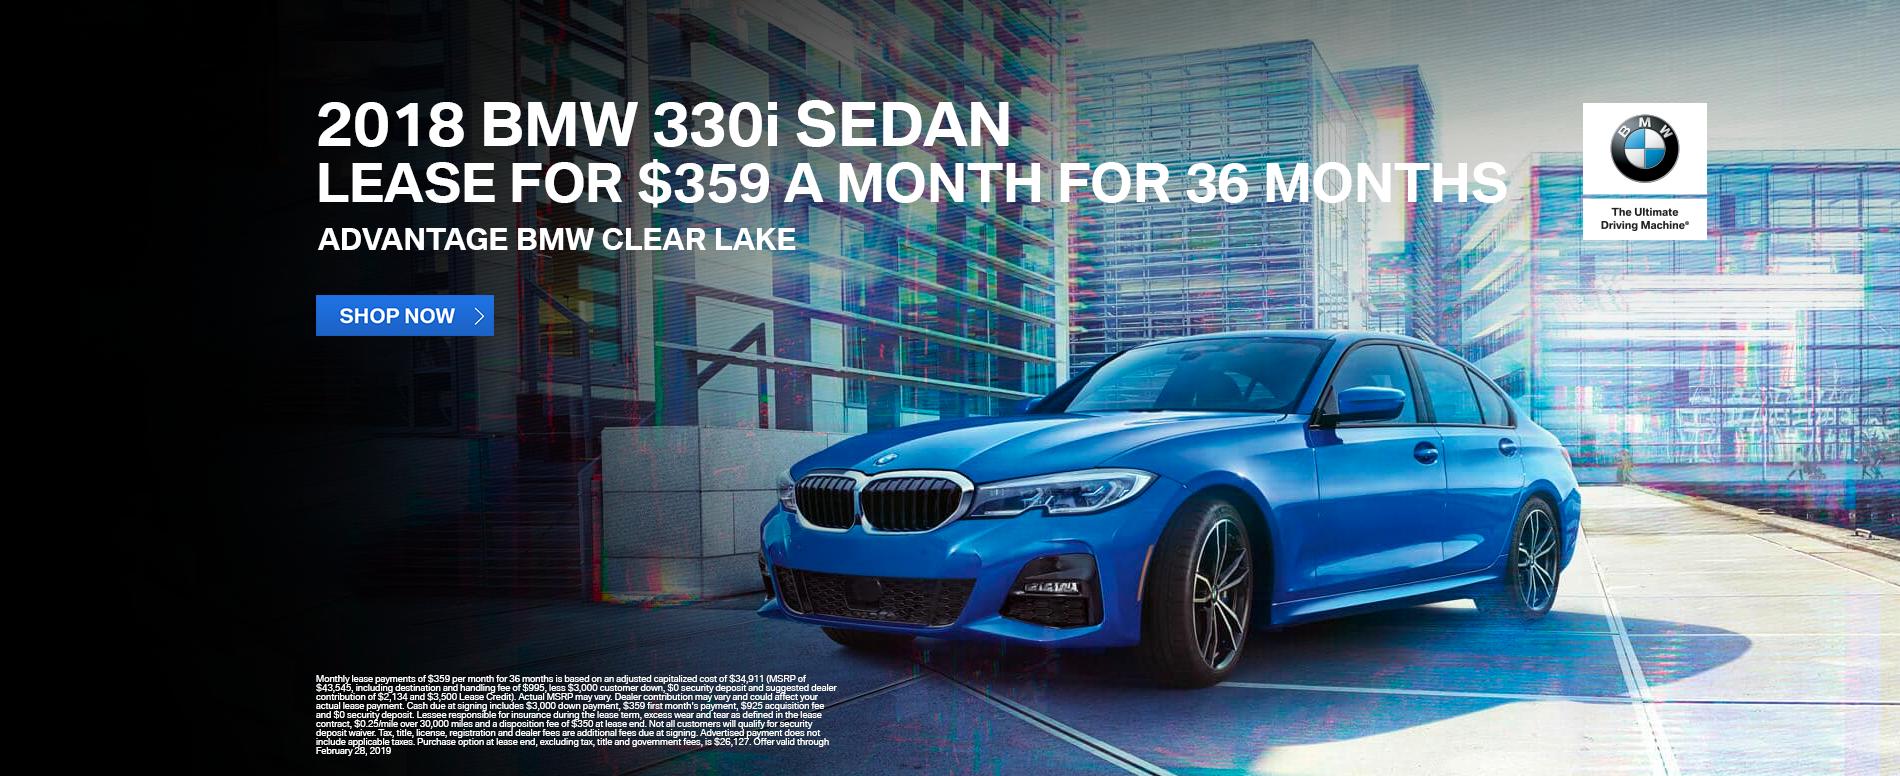 Lease-2018-330i-Sedan-Advantage-ClearLake